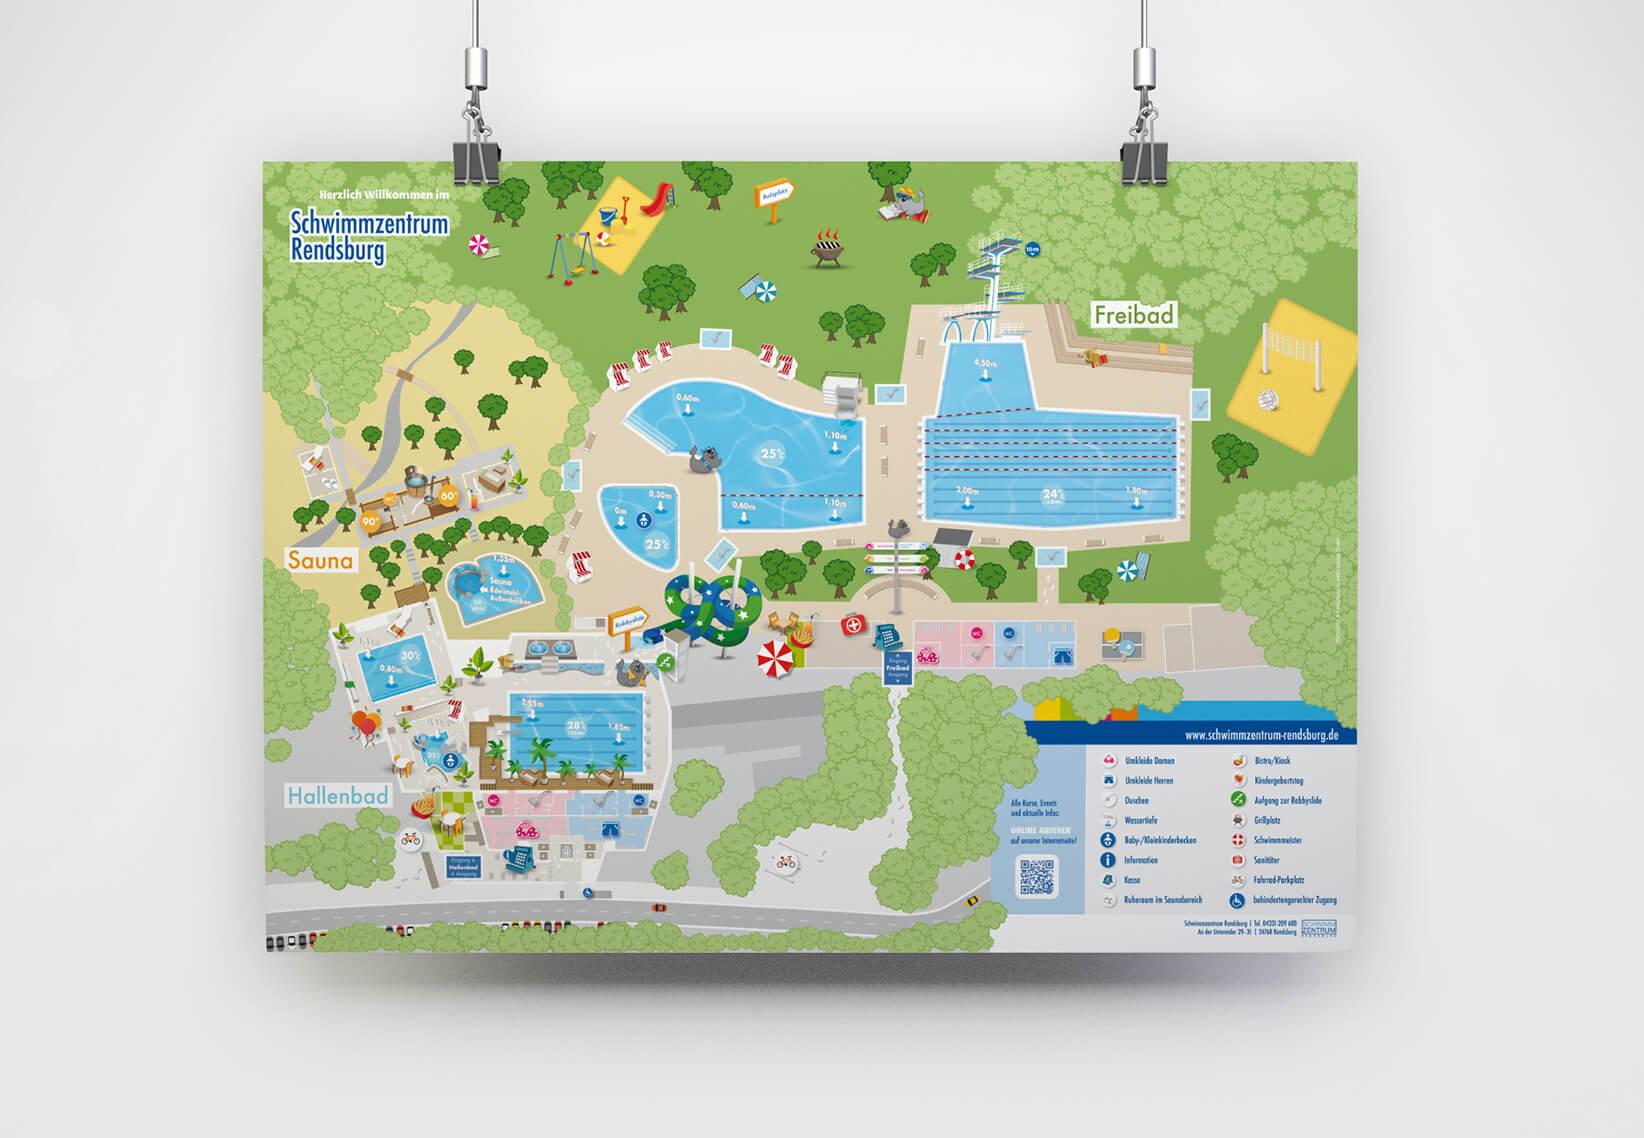 Marketing_schwimmzentrum